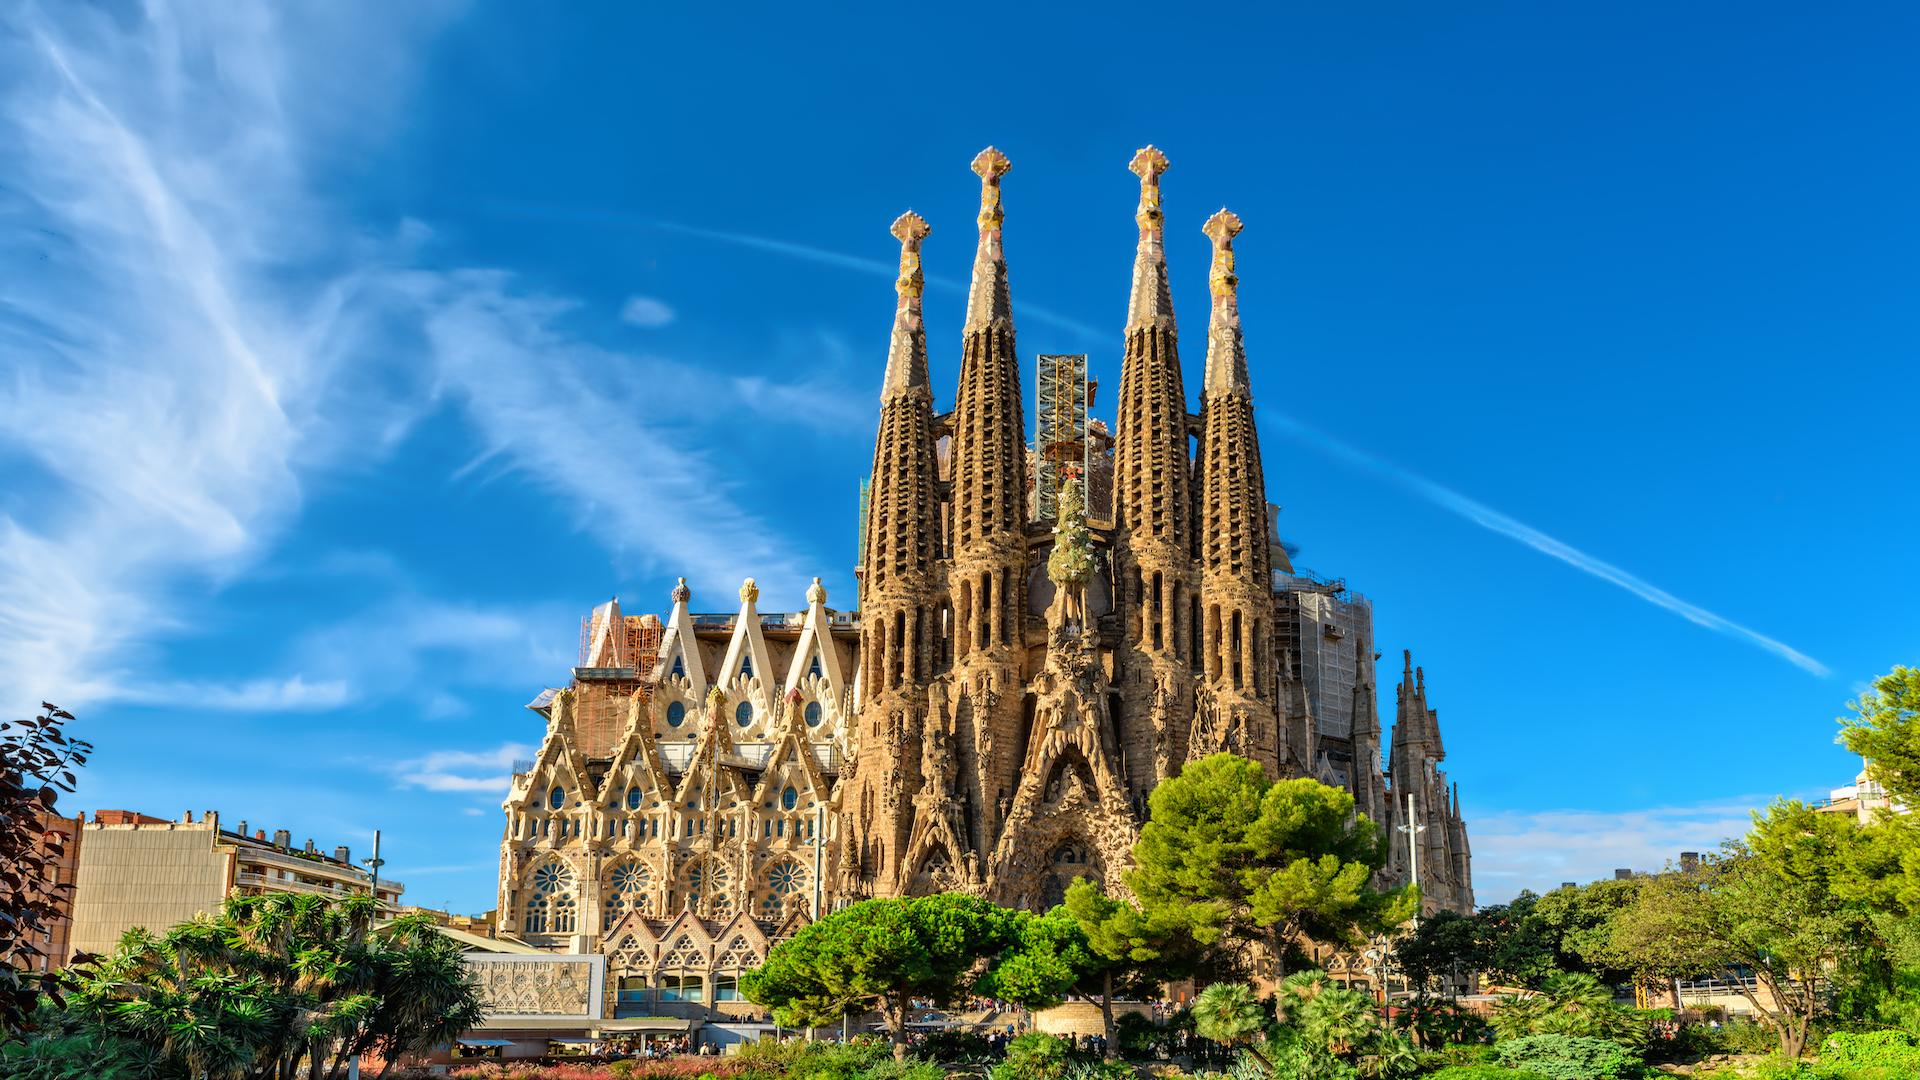 Trải nghiệm du lịch ảo đến Barcelona, thành phố xinh đẹp và quyến rũ nhất Tây Ban Nha - Ảnh 3.